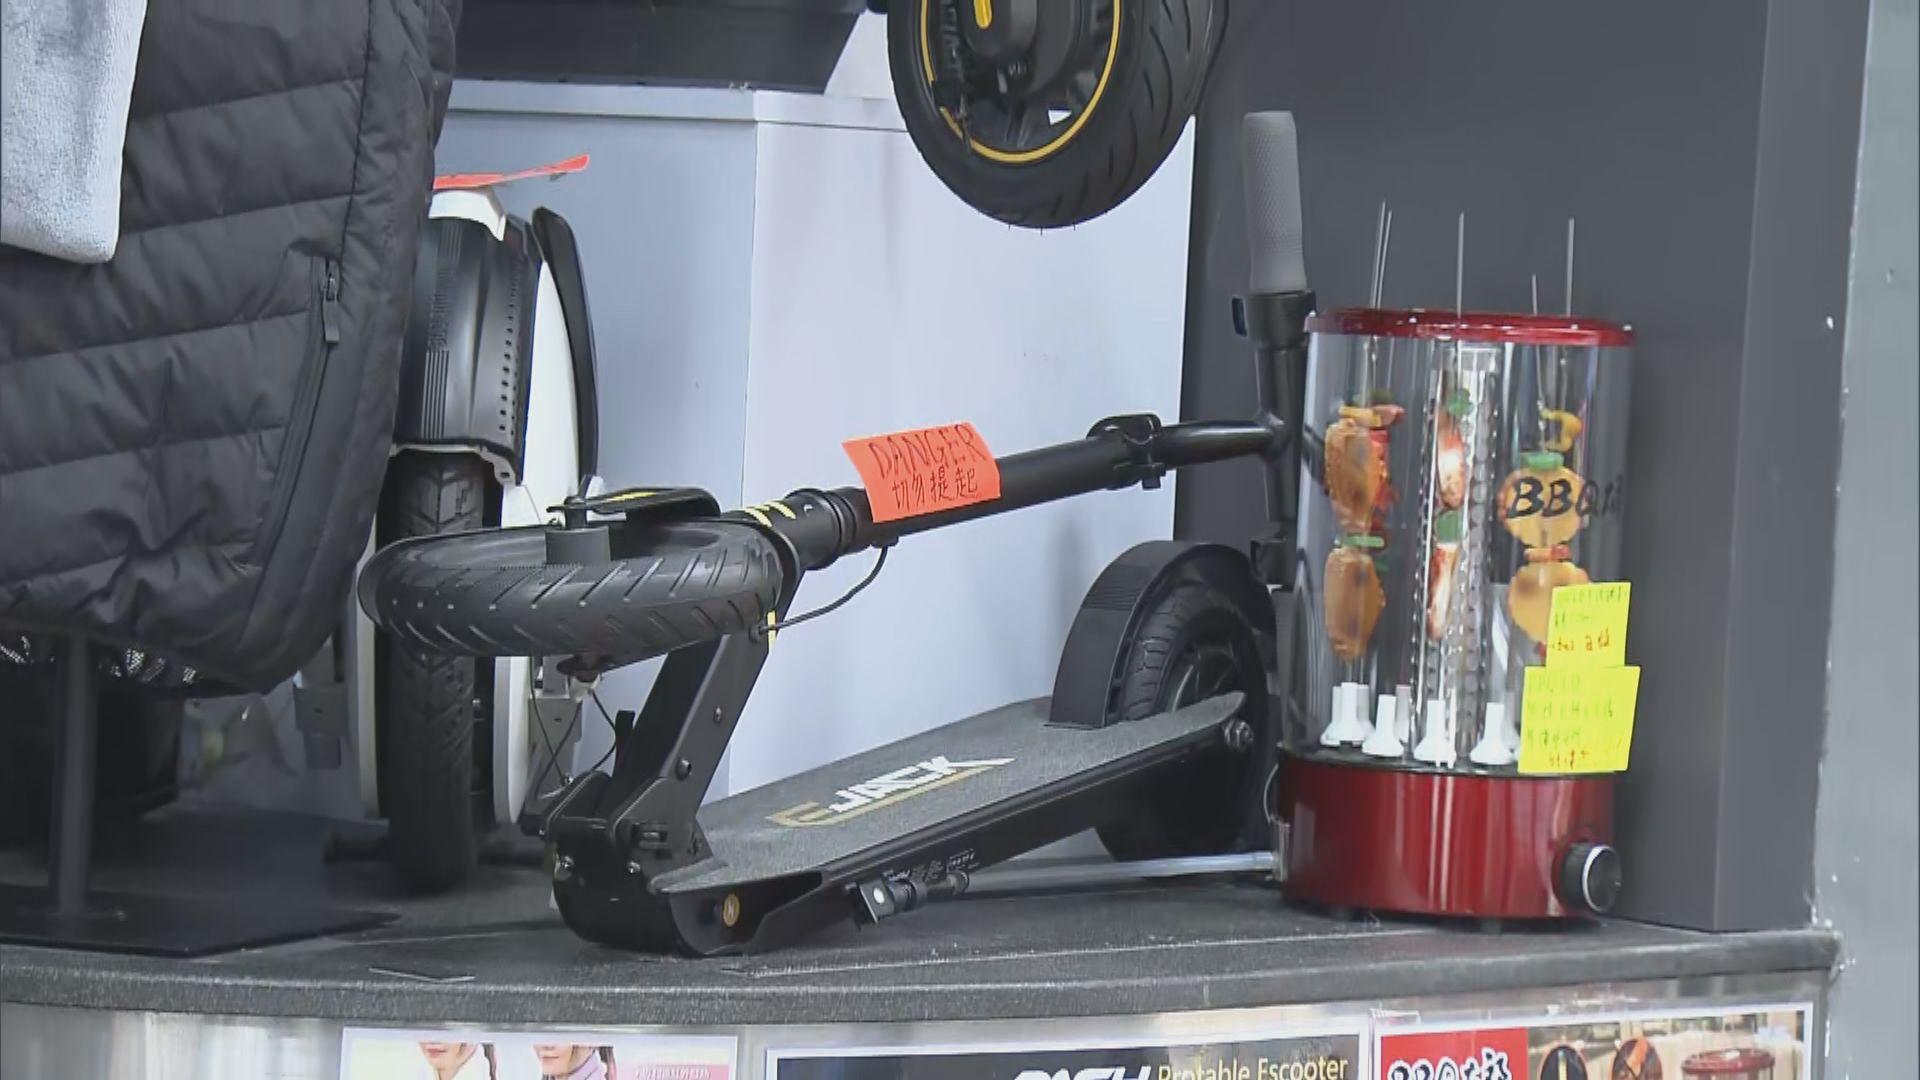 深水埗多間店舖售買來自內地電動滑板車